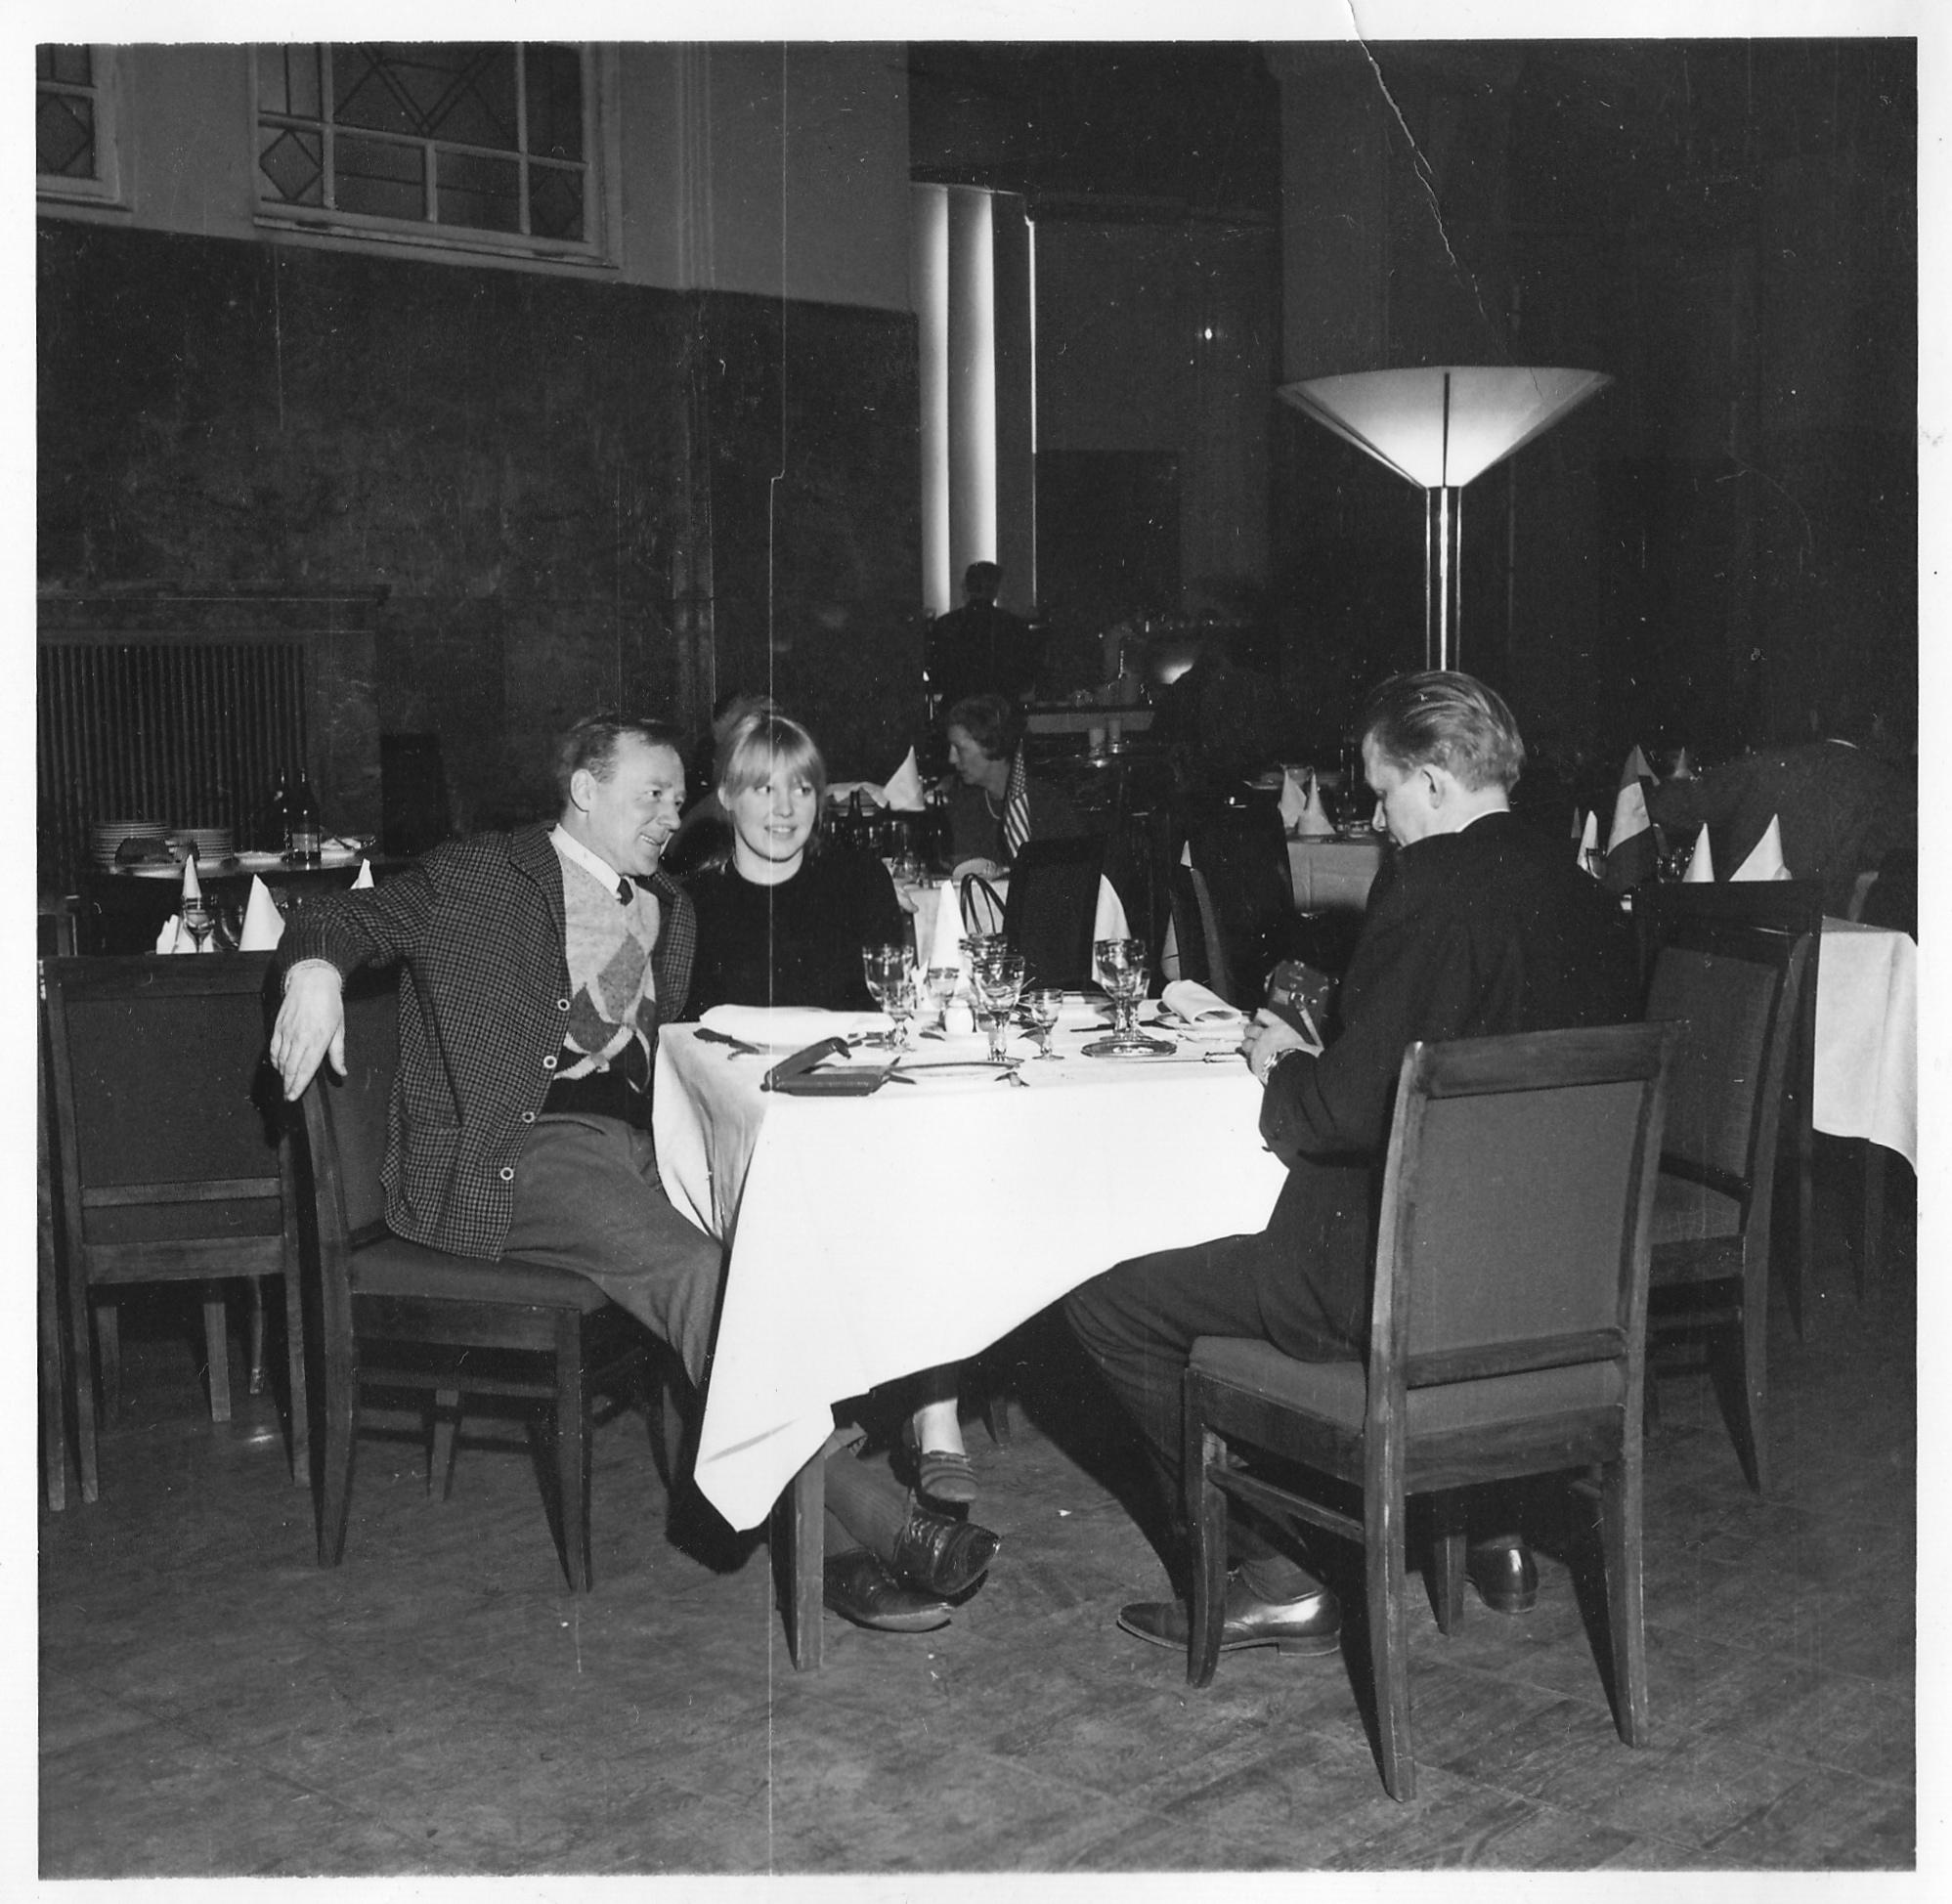 Ленинградская ресторанная культура в баре Астории